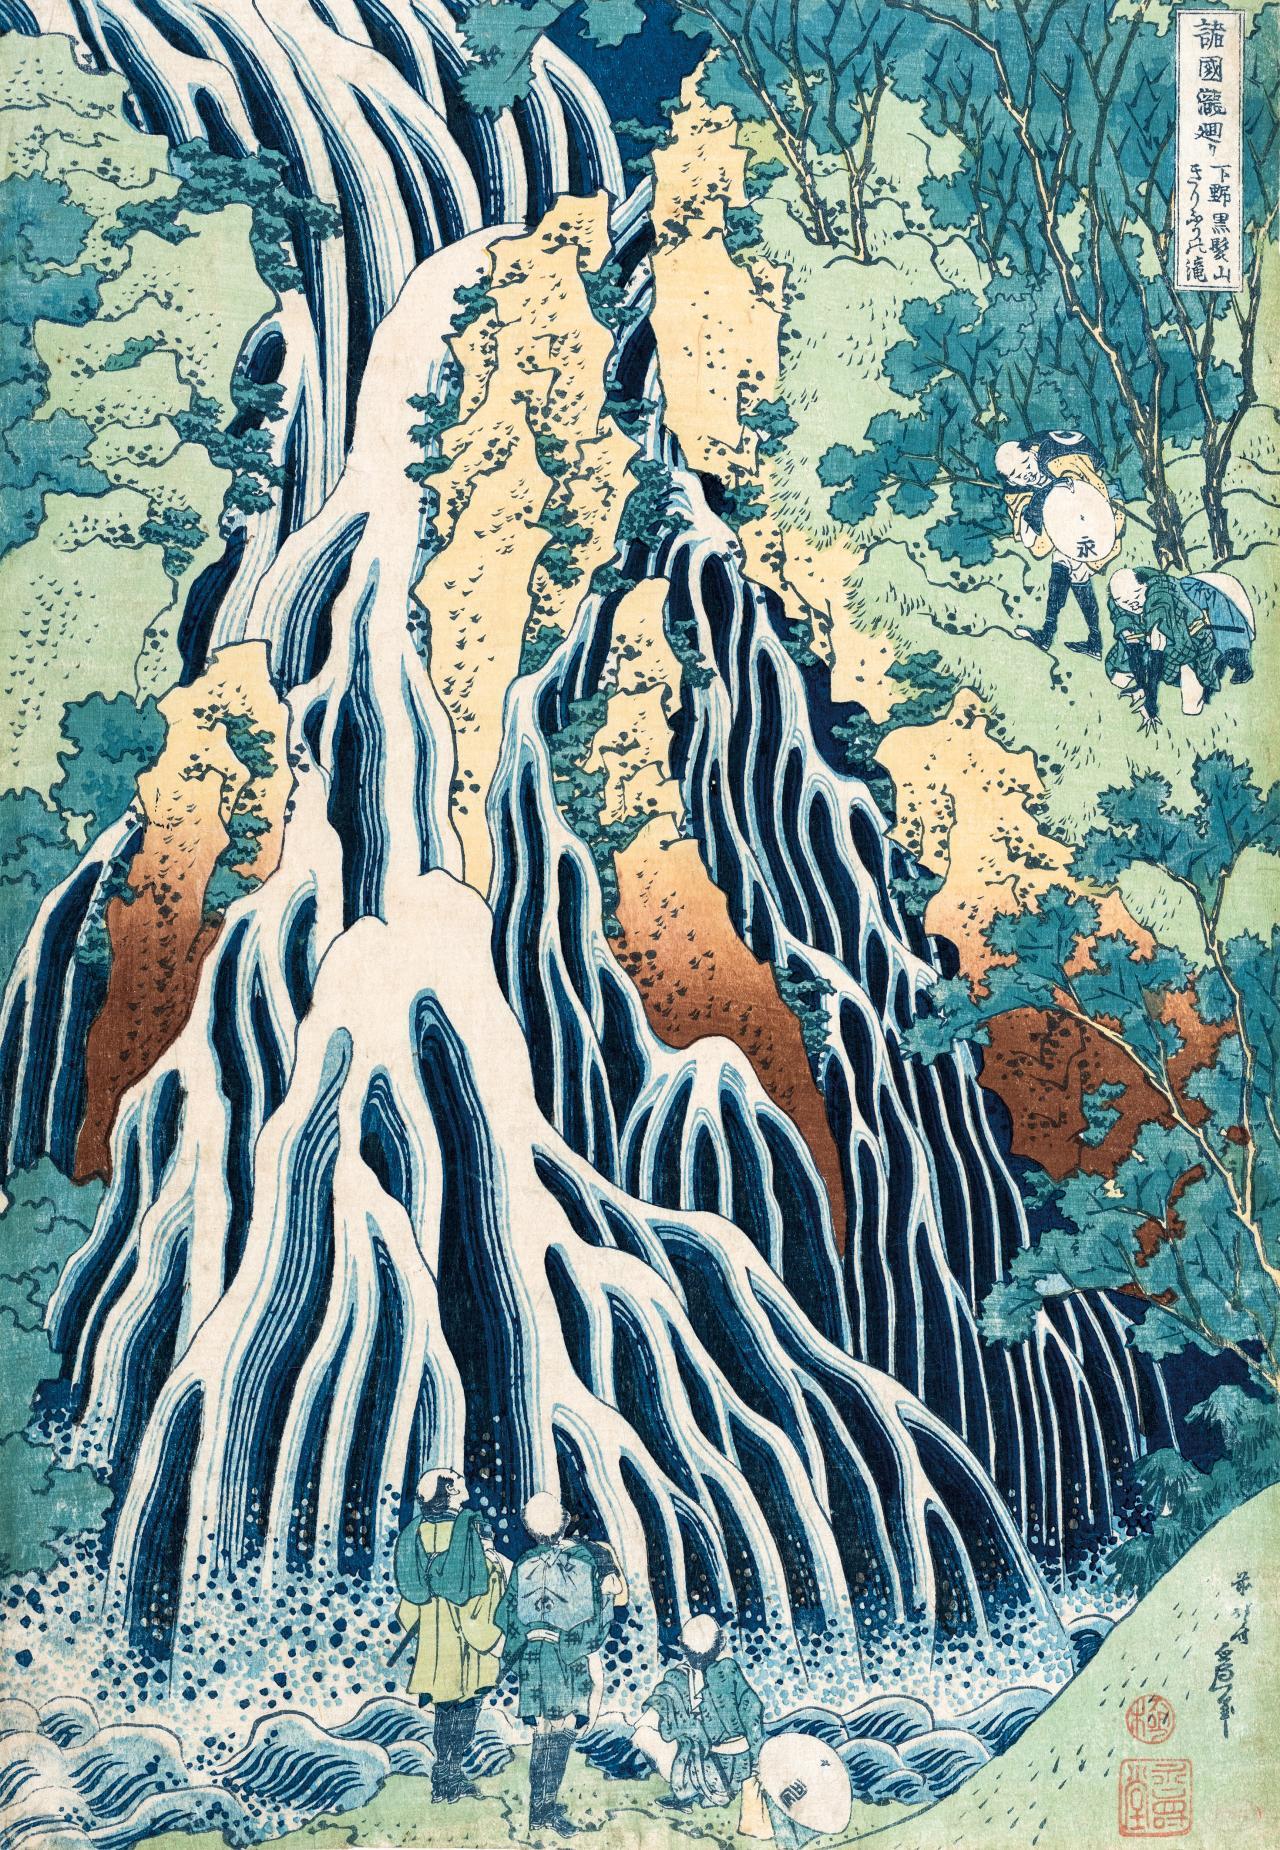 hokusai ngv